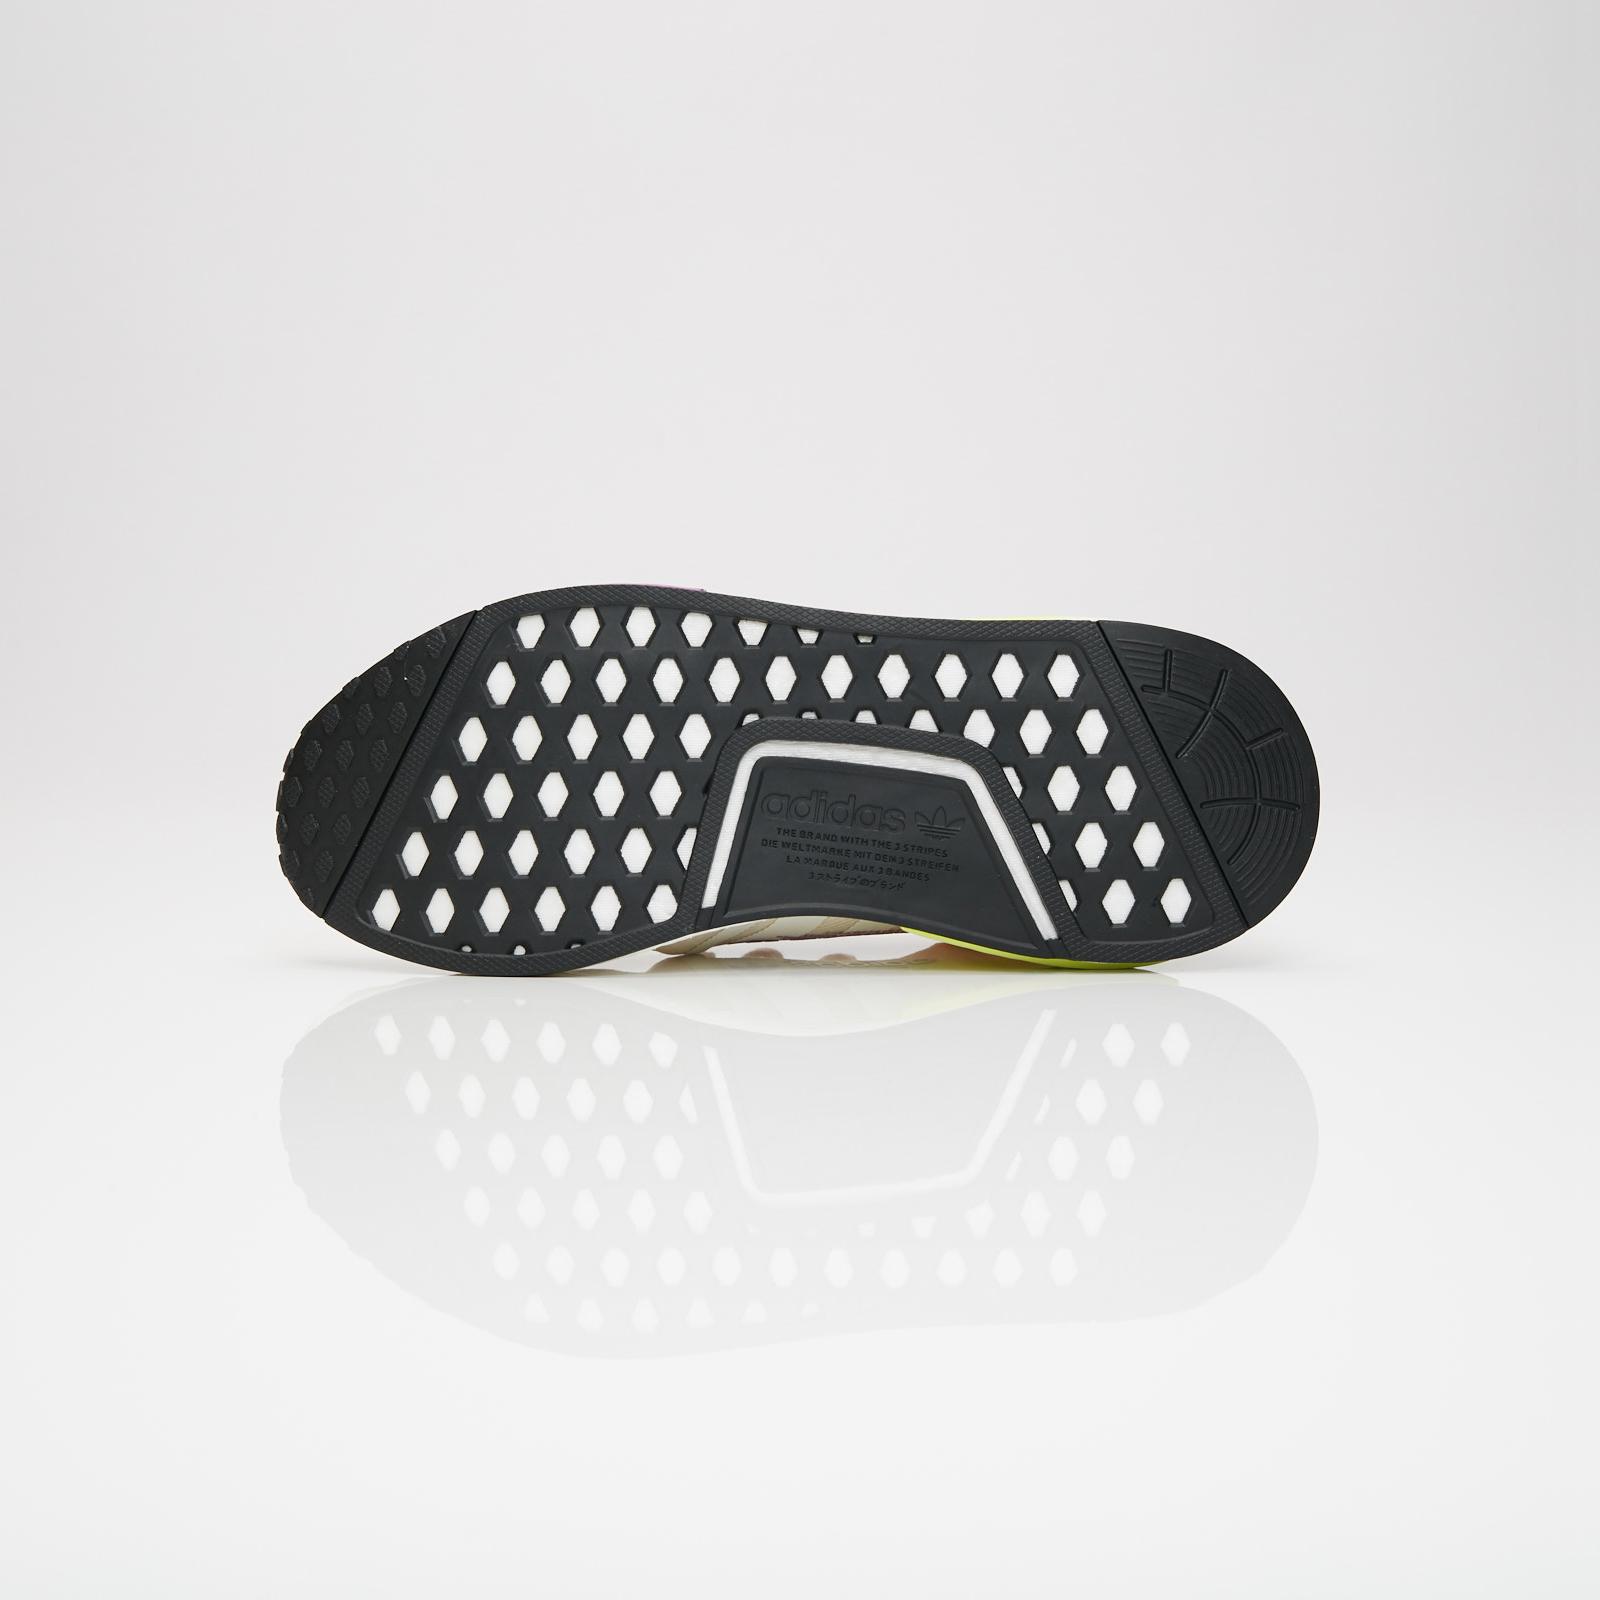 hot sale online 9deba 8f634 adidas NMD R1 - D96626 - Sneakersnstuff   sneakers   streetwear ...